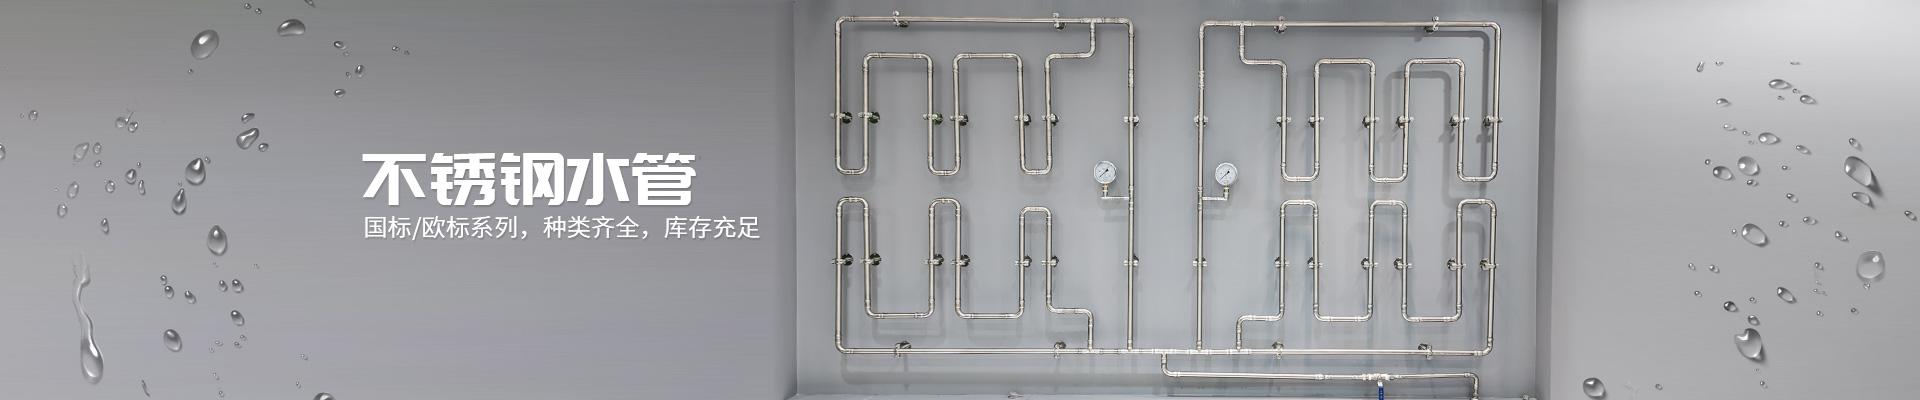 双兴-不锈钢水管